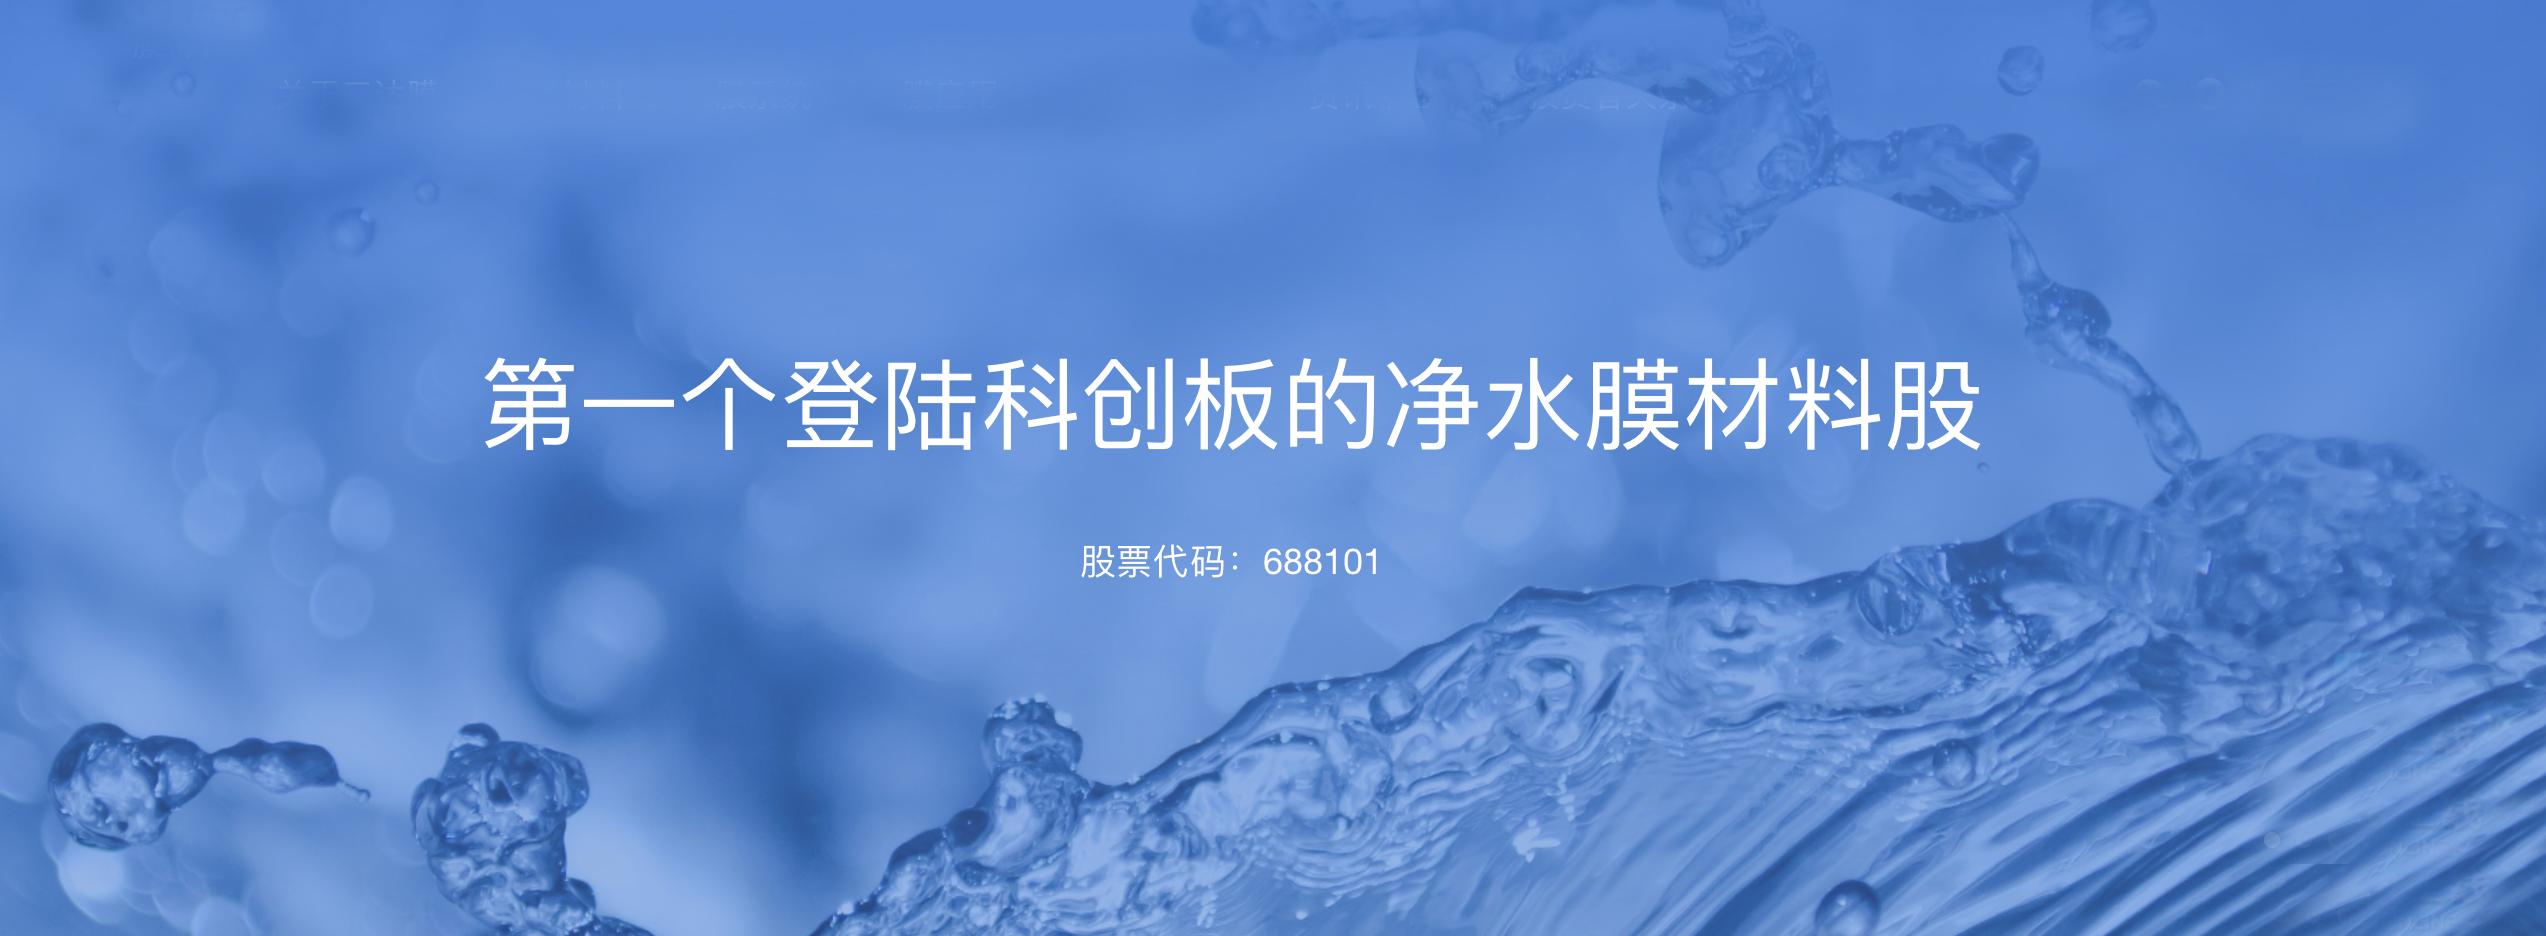 """厦门这家公司是全国""""第一个登陆科创板的净水膜材料股"""""""